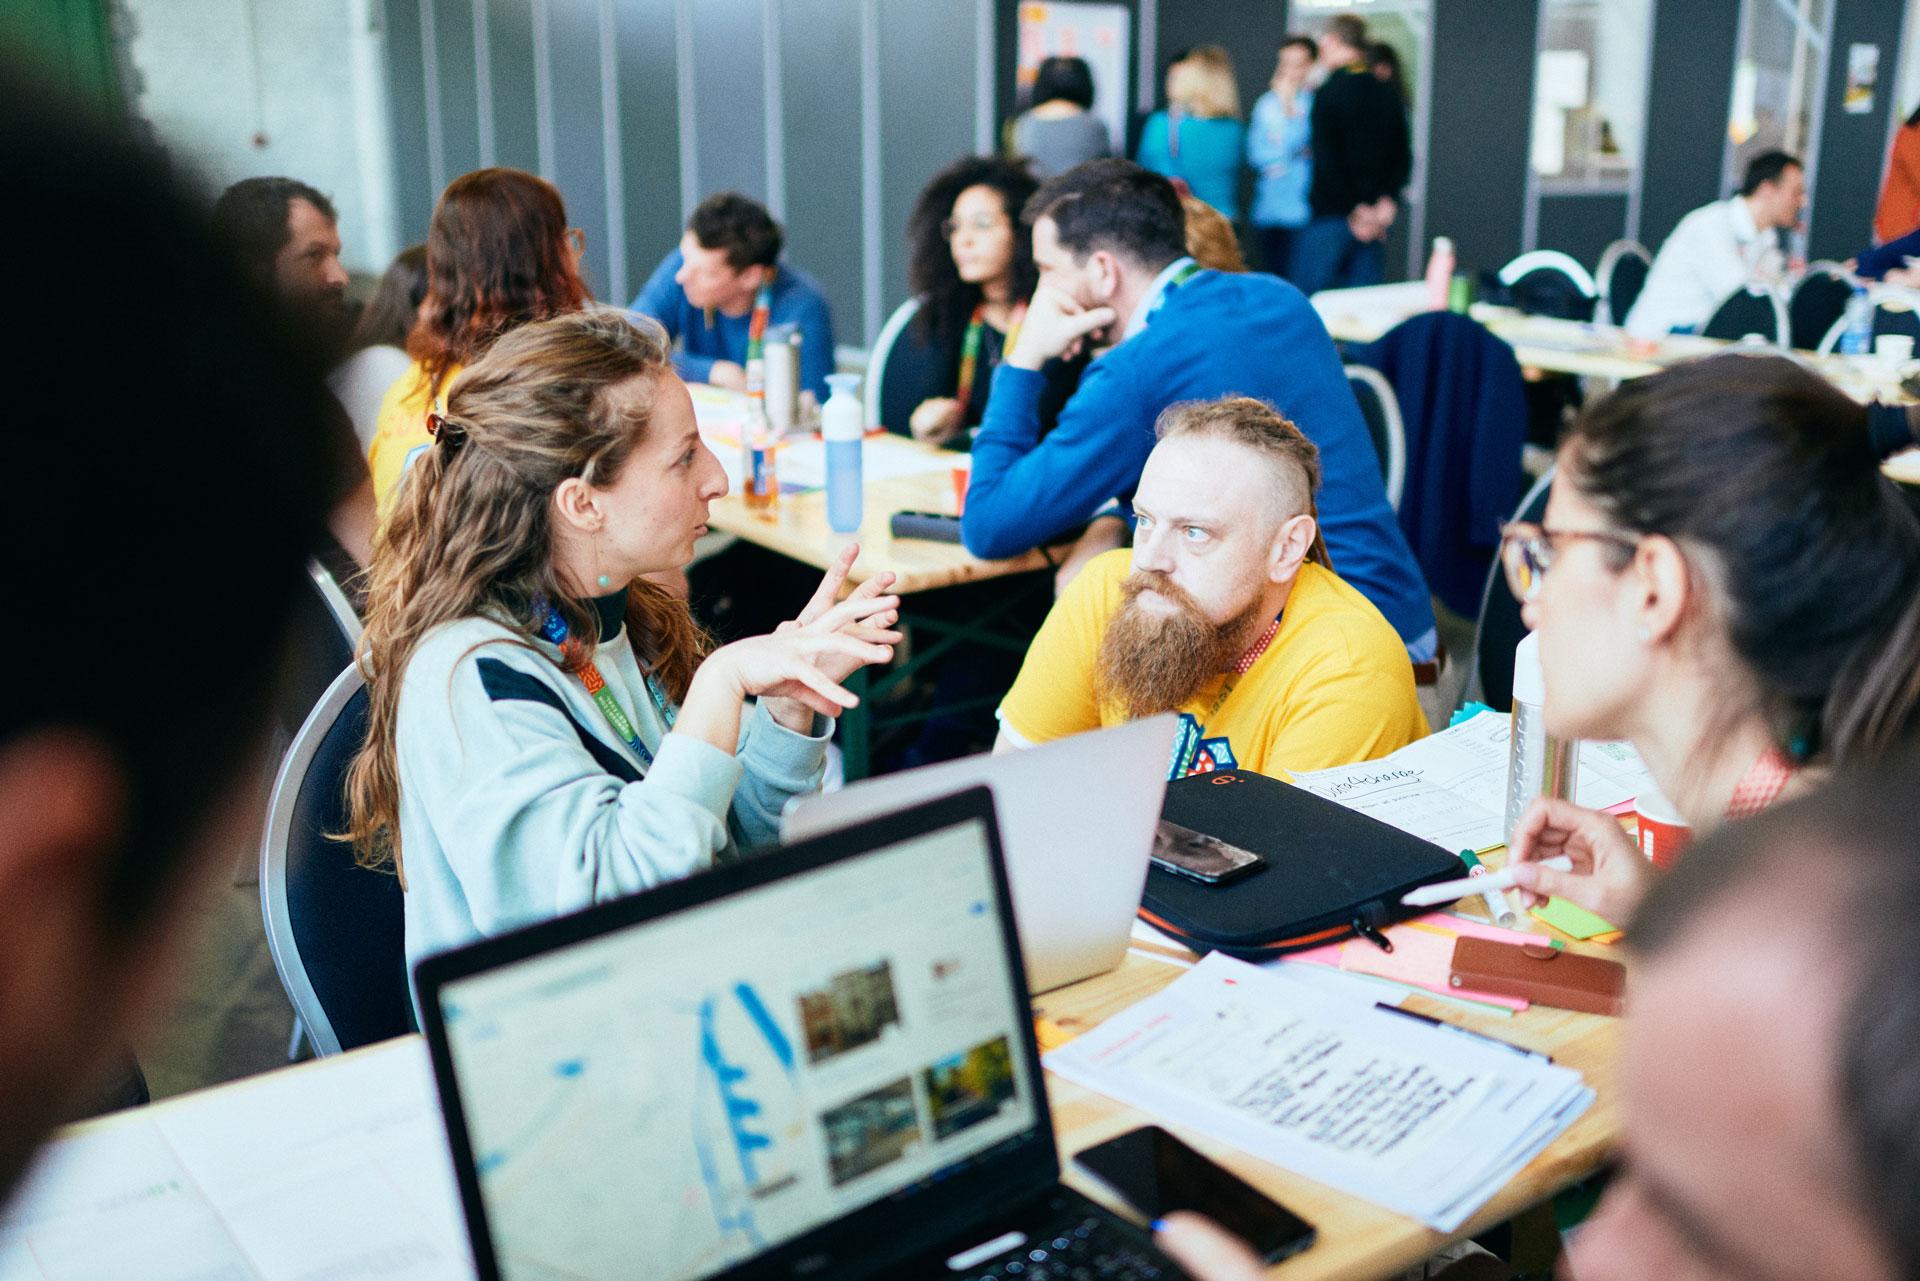 hack4oceans-hackathon-2019-hack-belgium-03-1920x1281